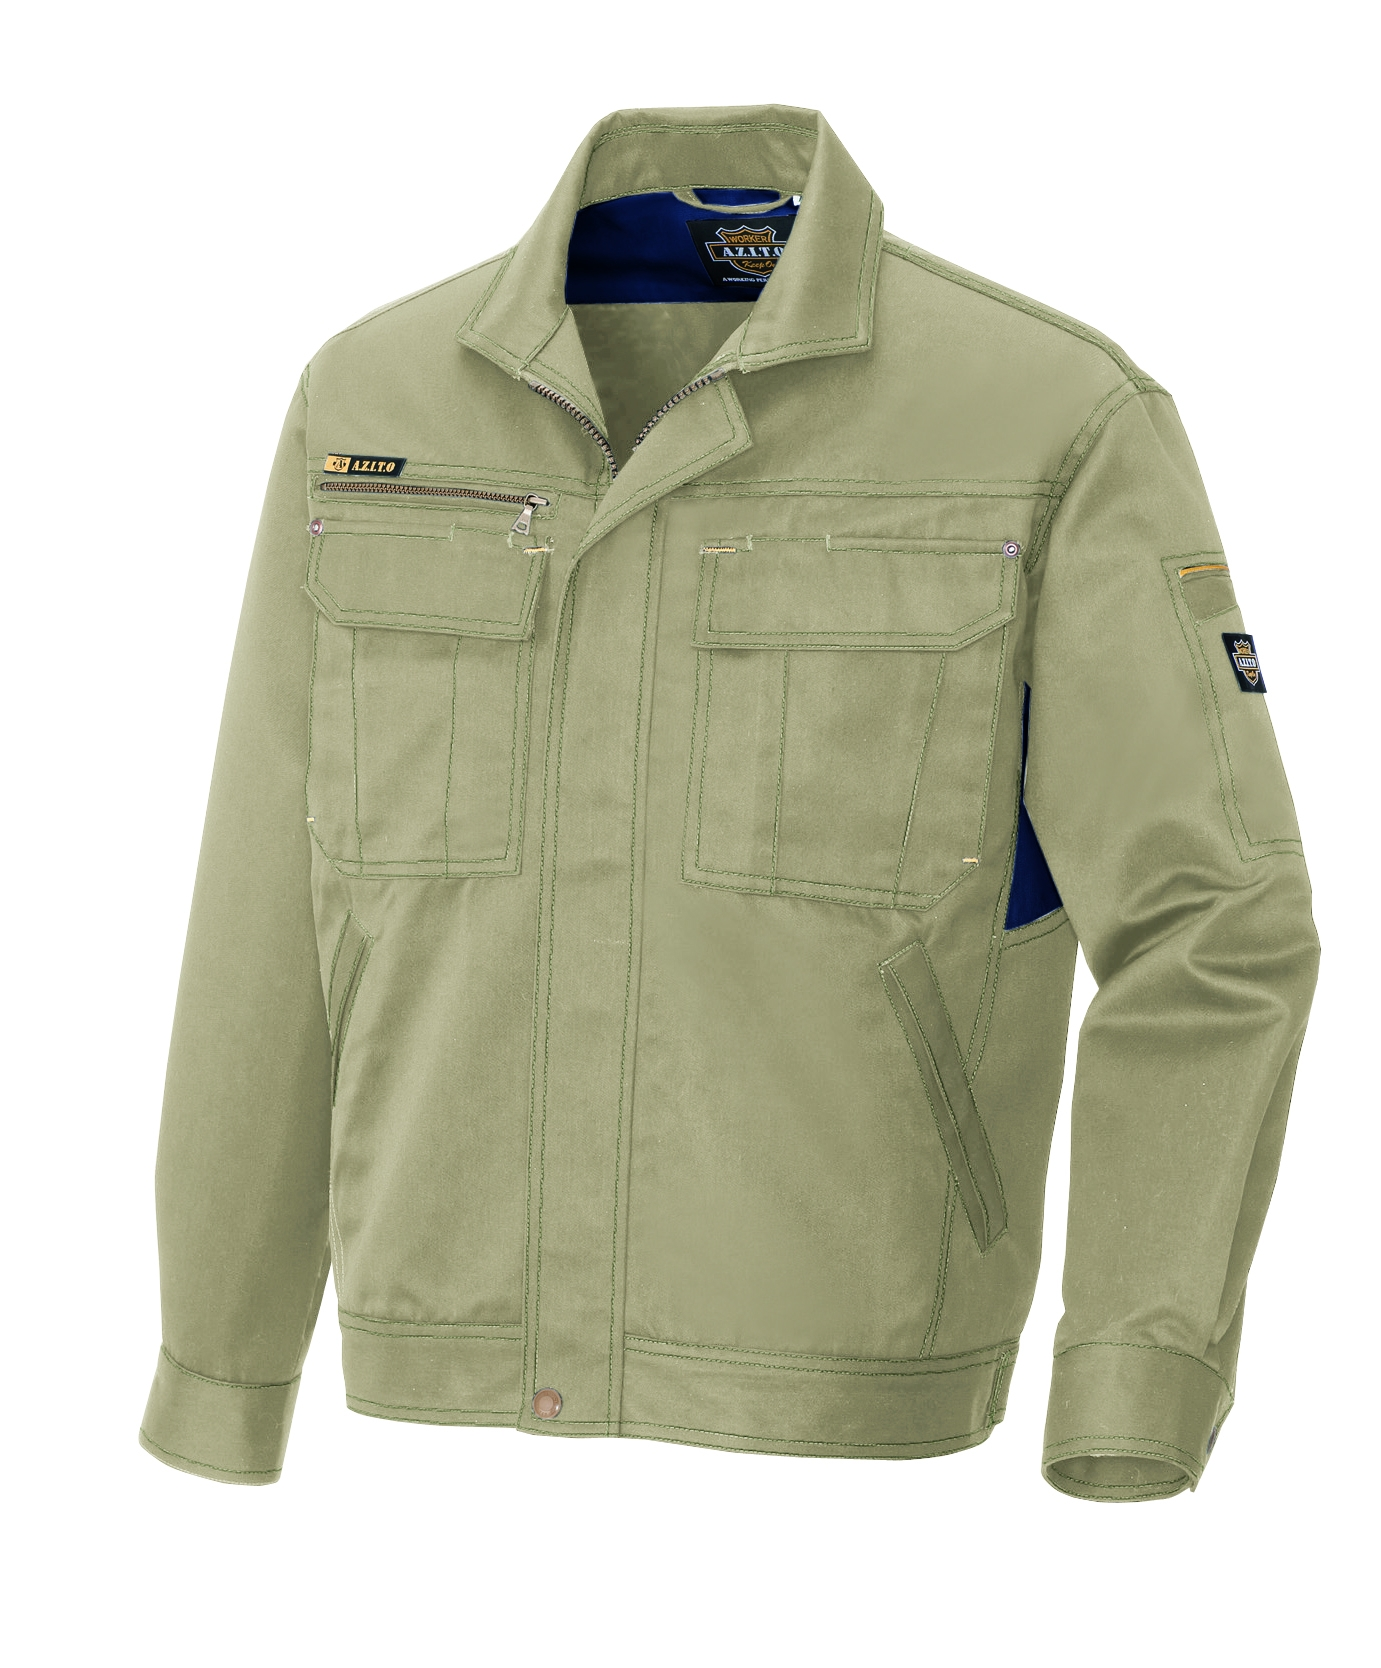 アイトス作業服AZ-3801シリーズ アジトプロフェッショナル 作業服